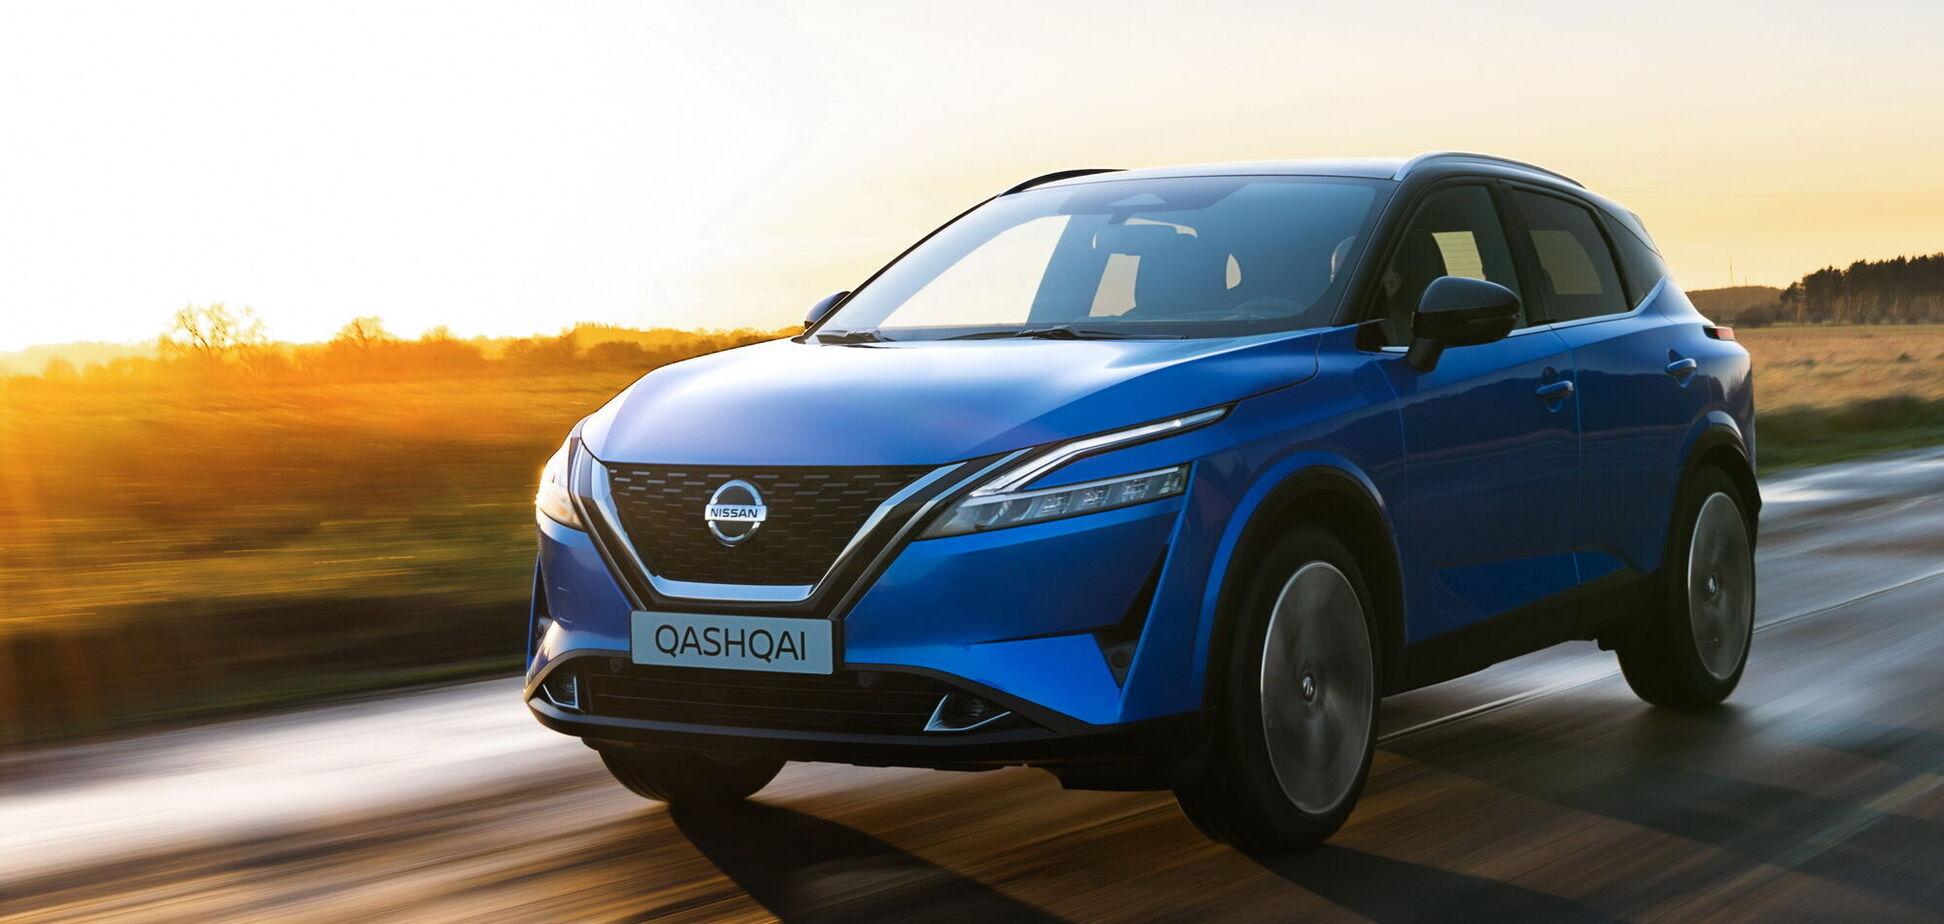 Nissan инвестировал 52 млн фунтов в производство алюминия для Nissan Qashqai